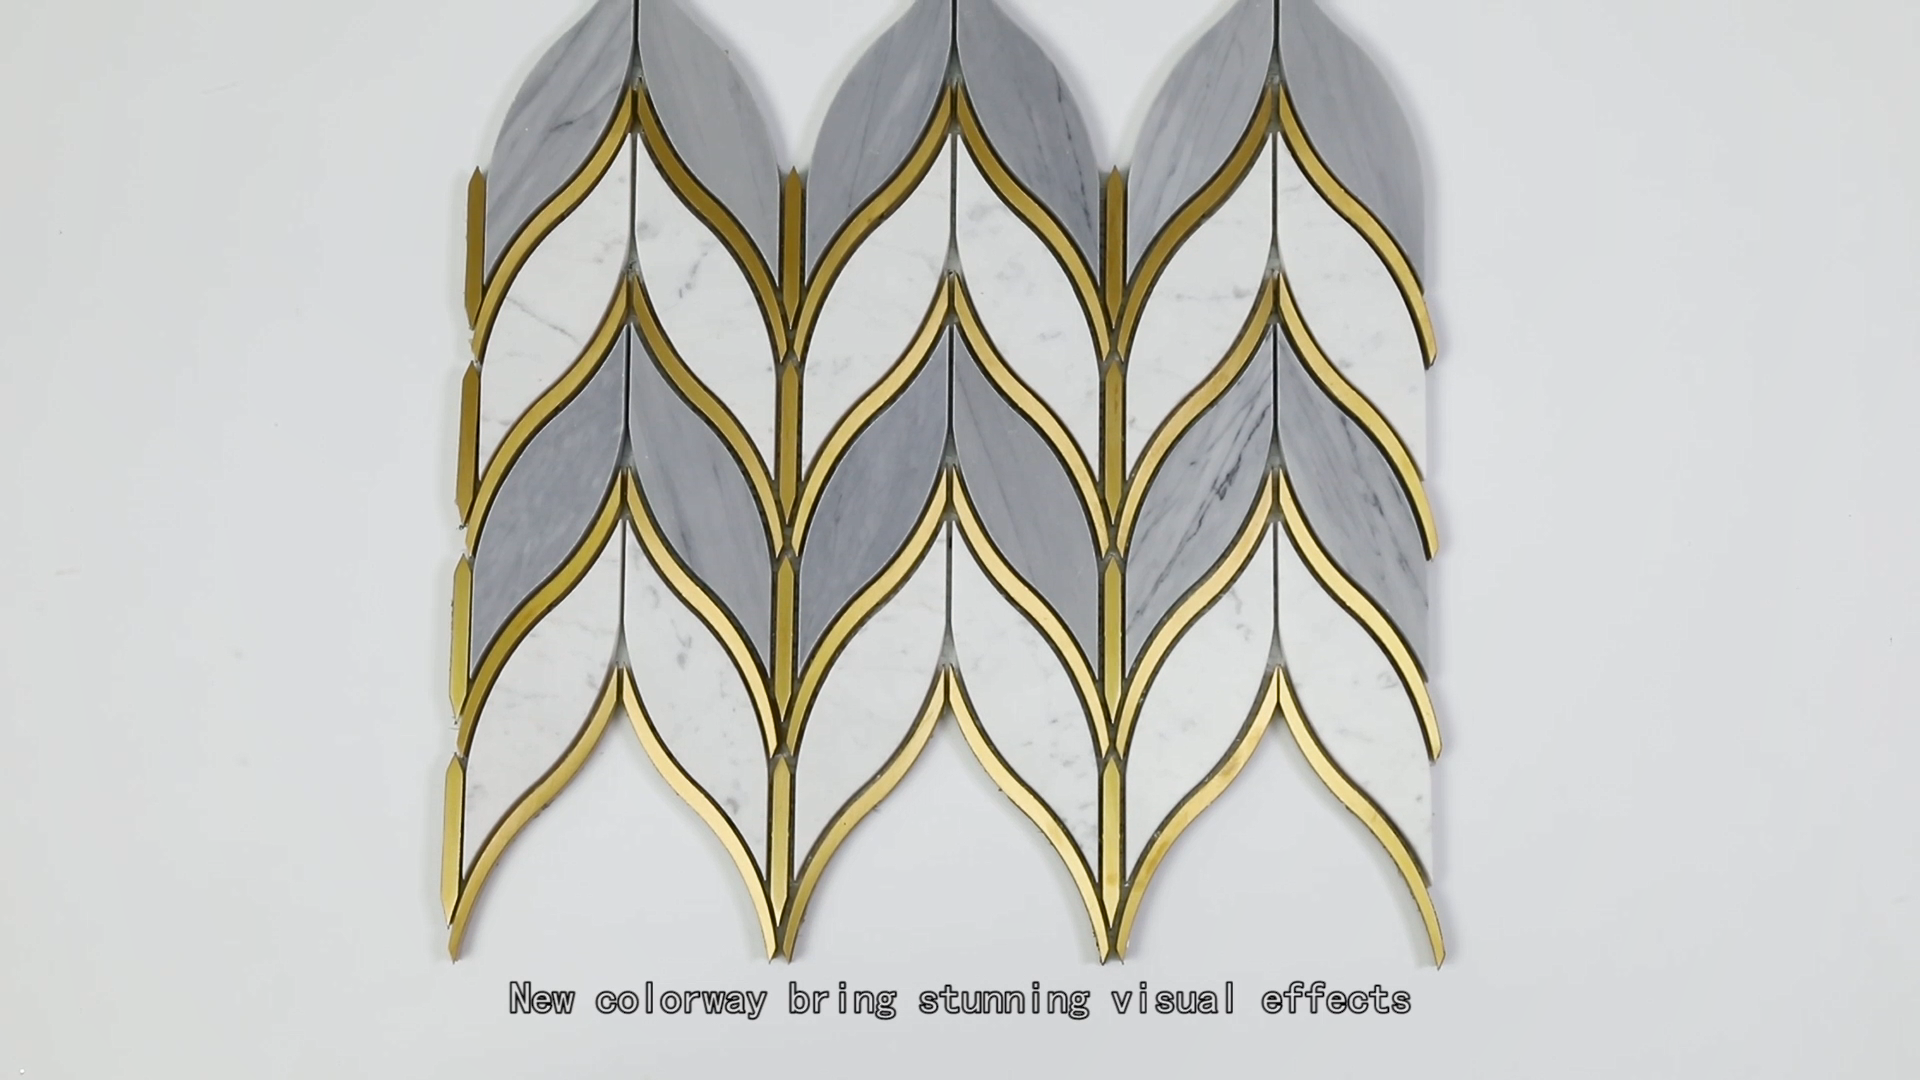 Lá Hình Máy Bay Phản Lực Nước Ý Statuario Hỗn Hợp Xám Đá Cẩm Thạch Và Đồng Vàng Mosaic Tile Waterjet Mosaic Tile